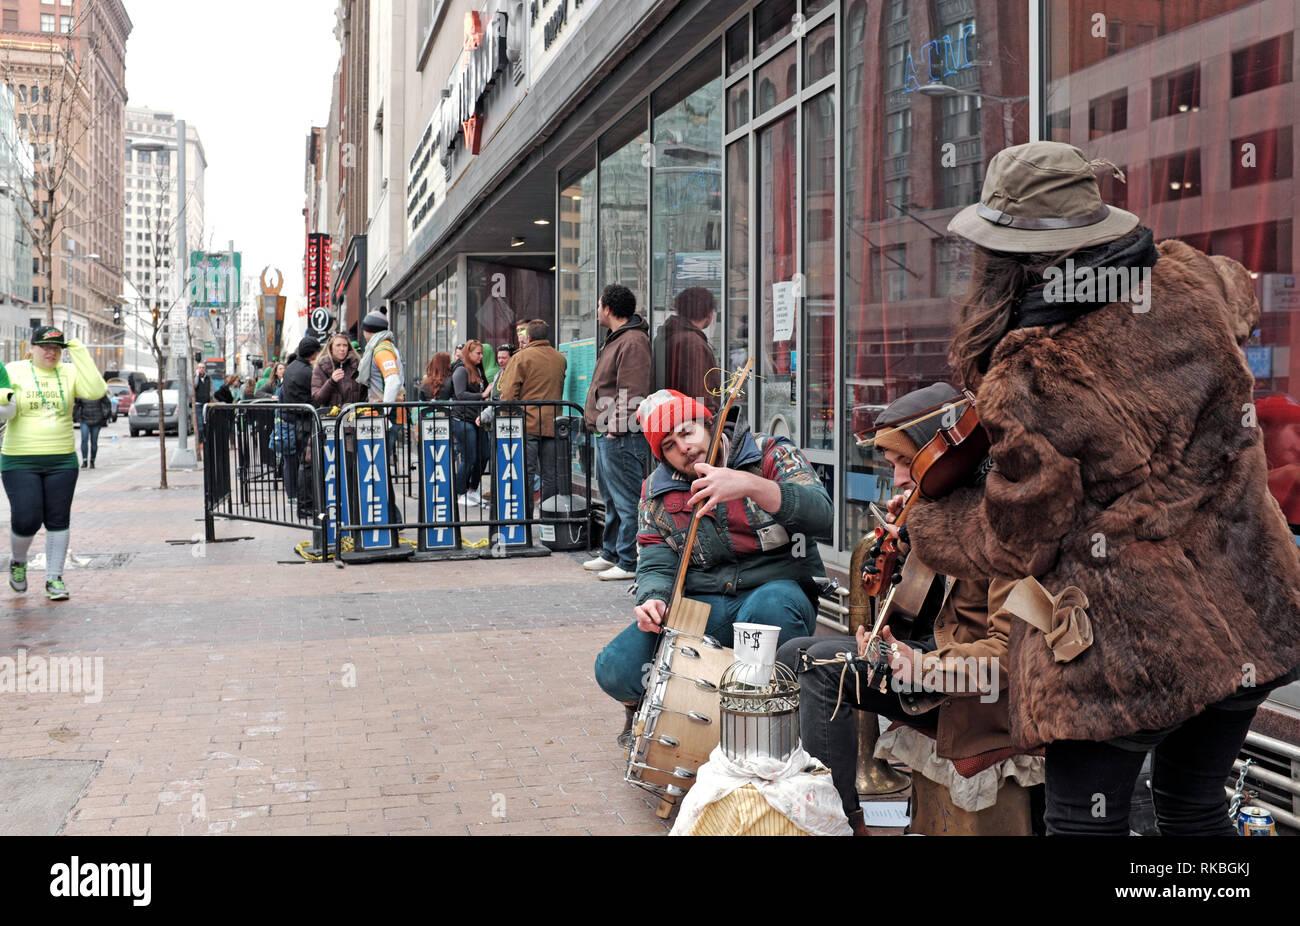 Des musiciens de rue busk sur Euclid Avenue, dans le centre-ville de Cleveland, Ohio, USA. Banque D'Images